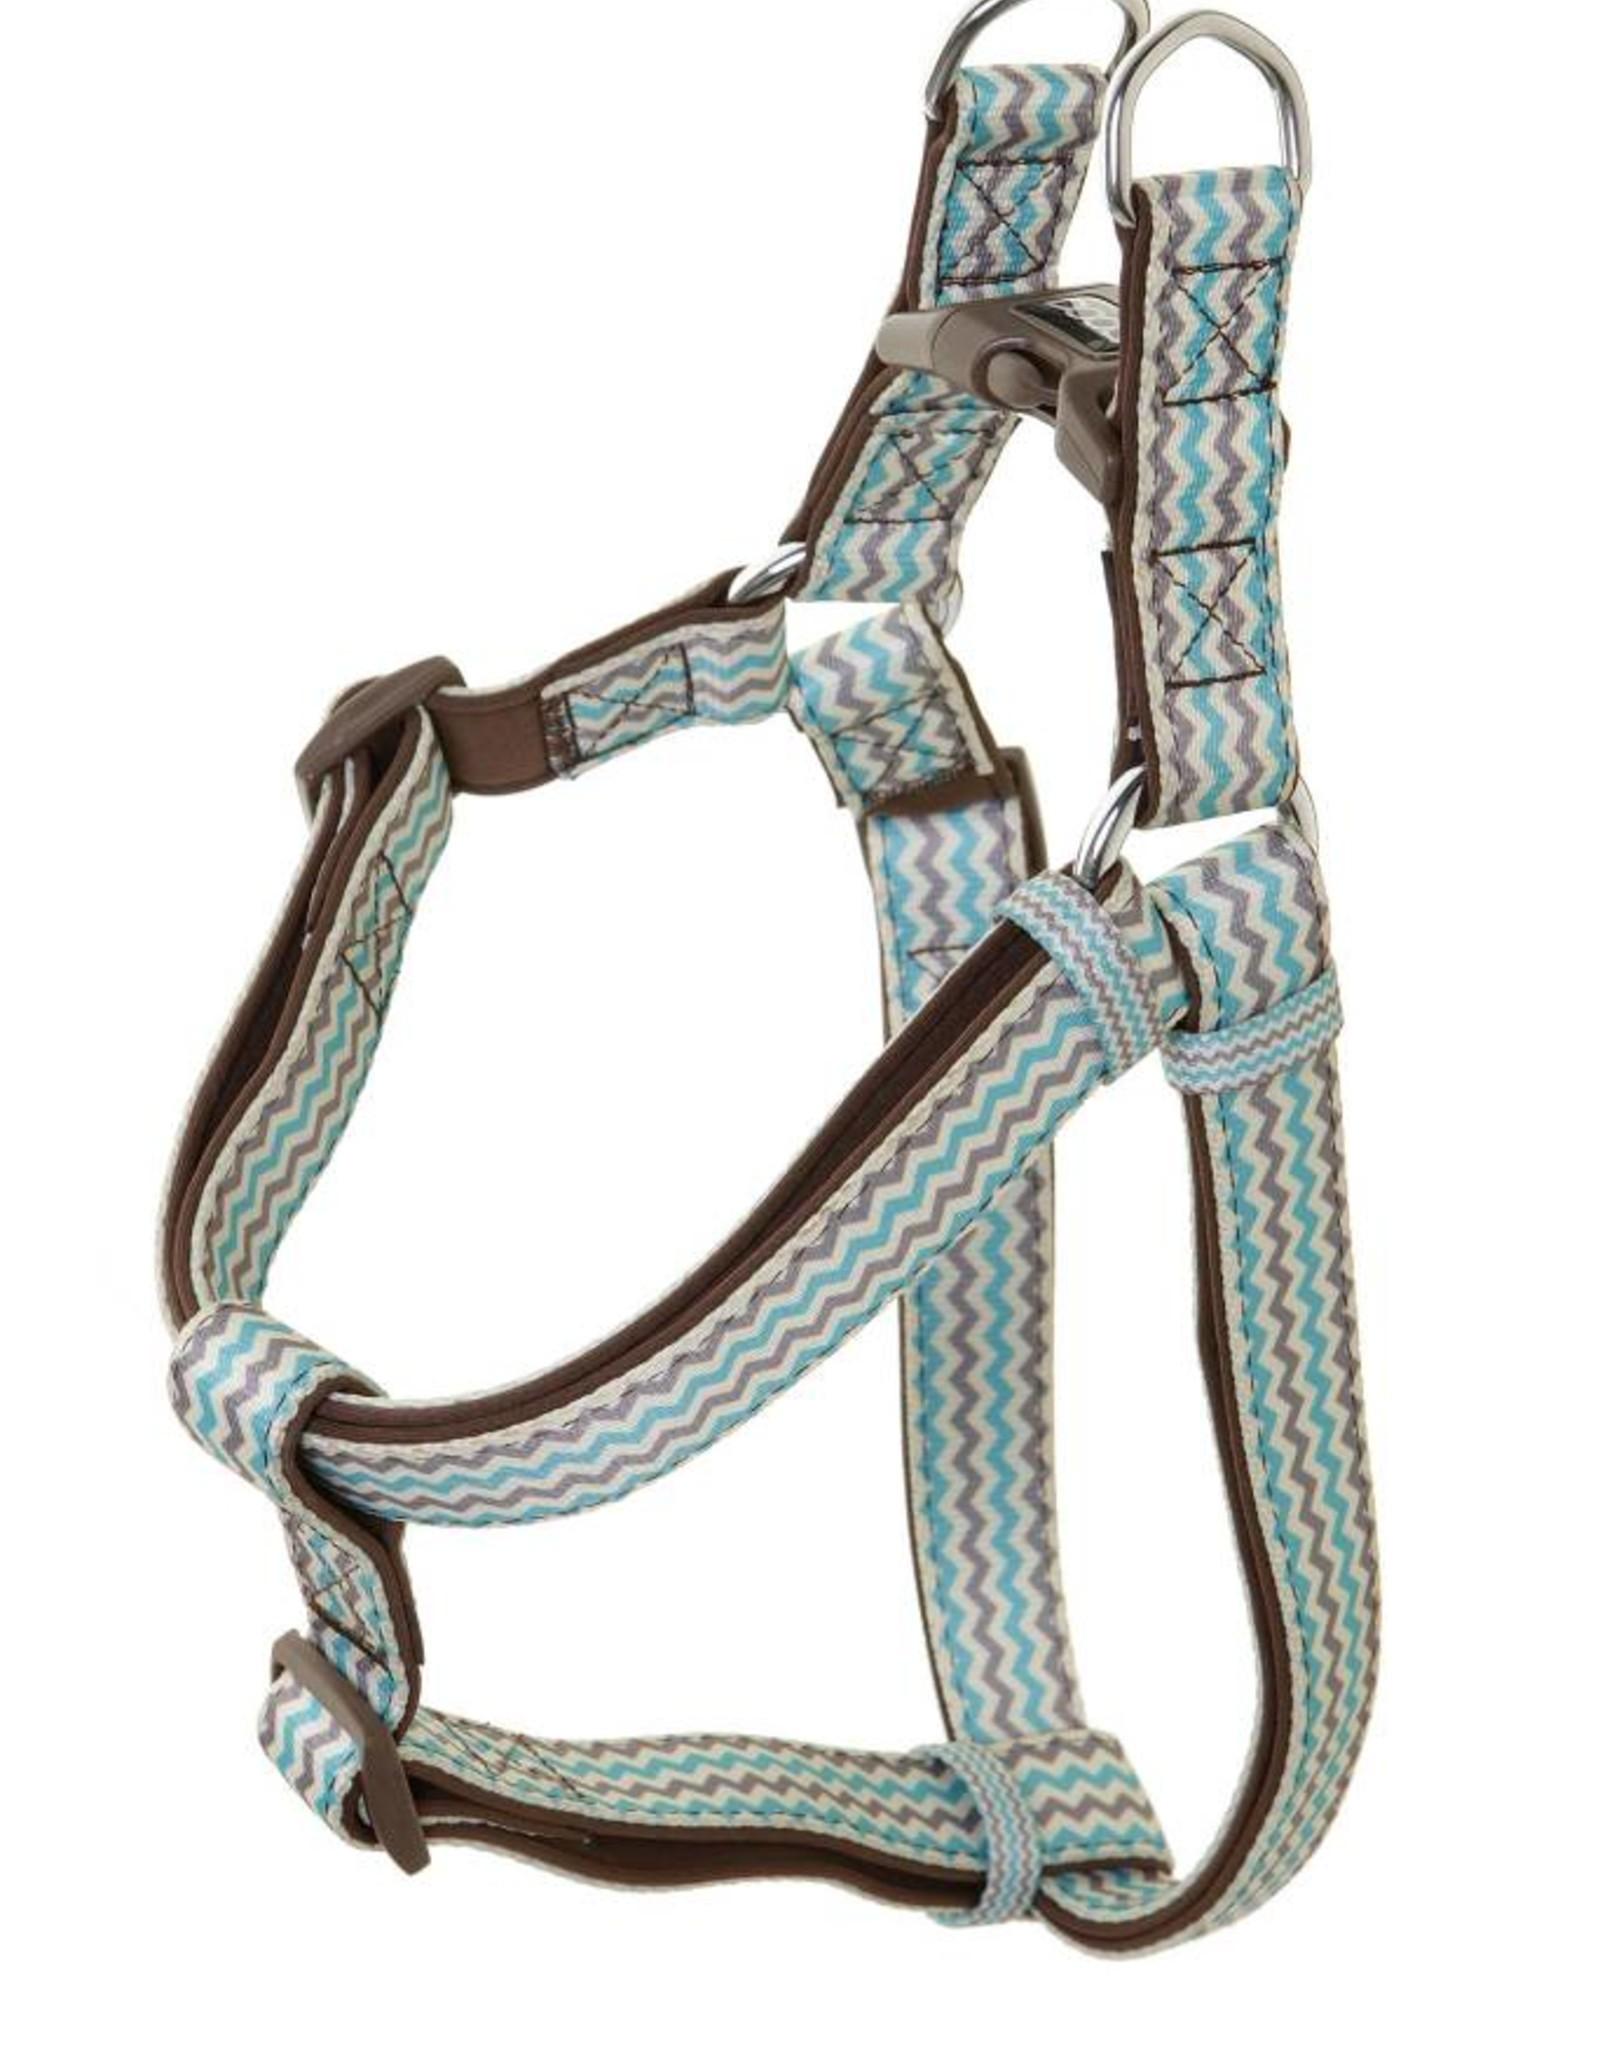 DOOG Doog | Dog Step In Harnesses - Benji